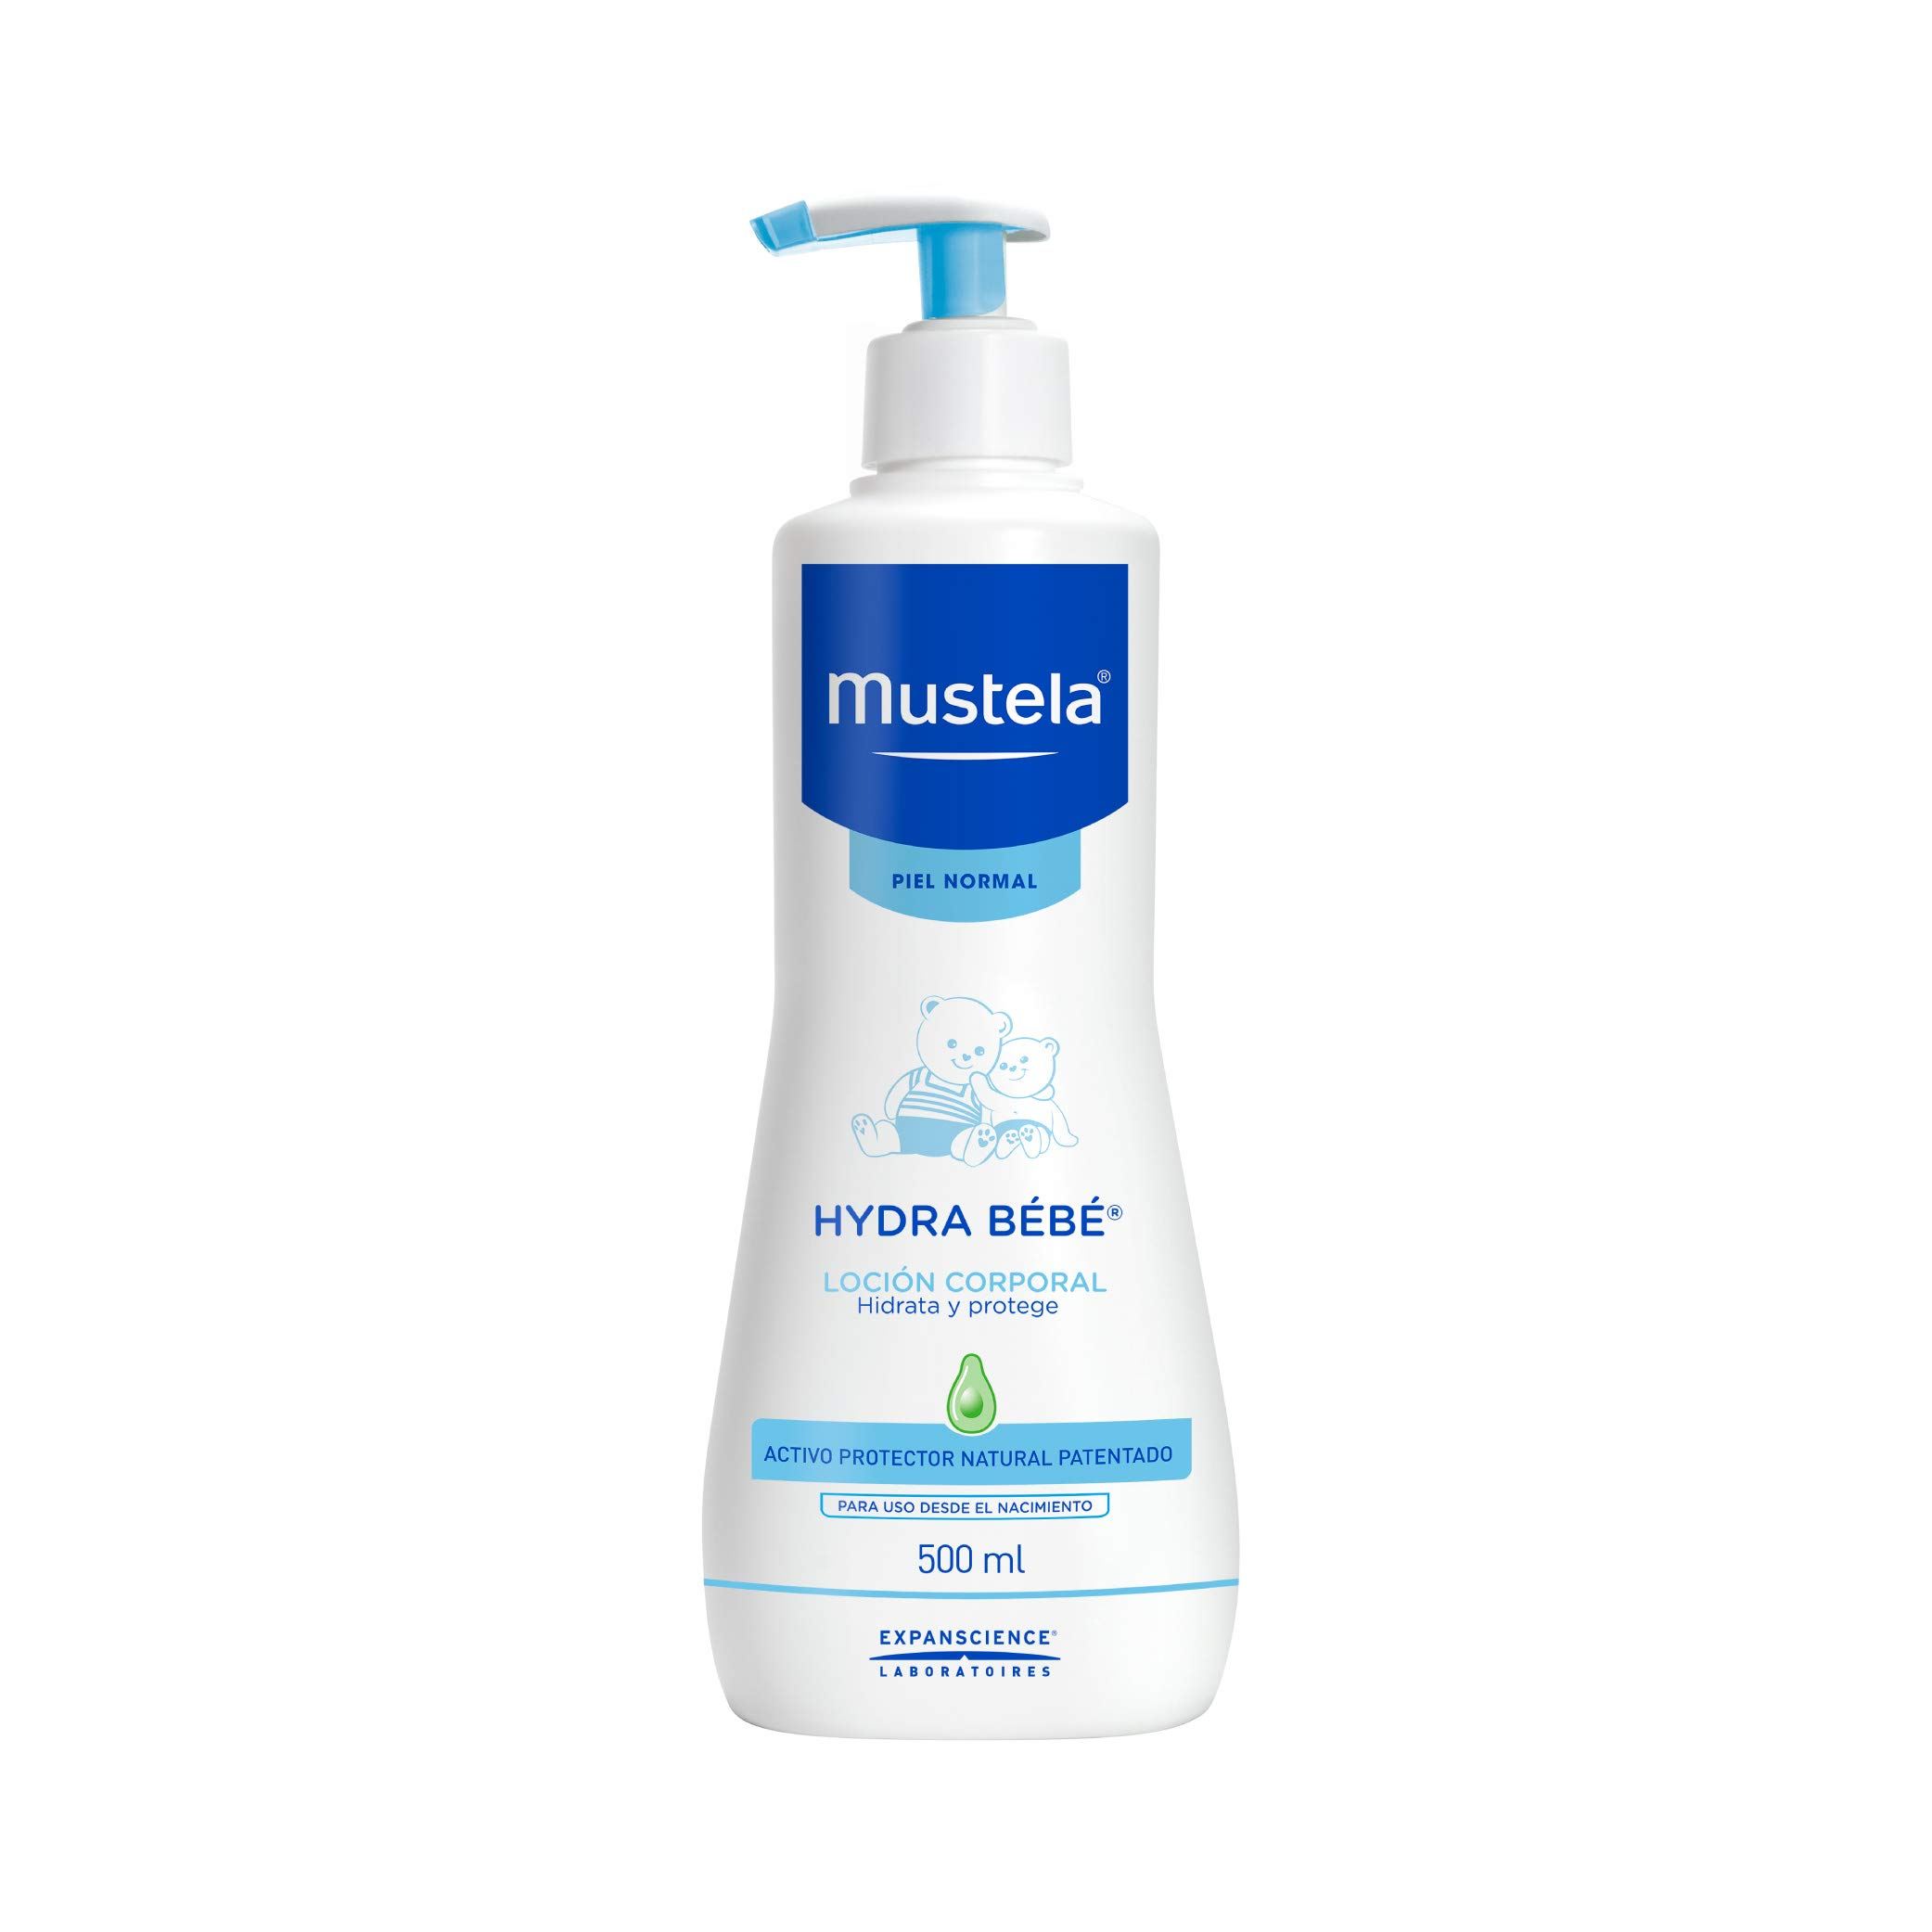 Mustela Hydra Bébé – Loción para cuerpo 500ml